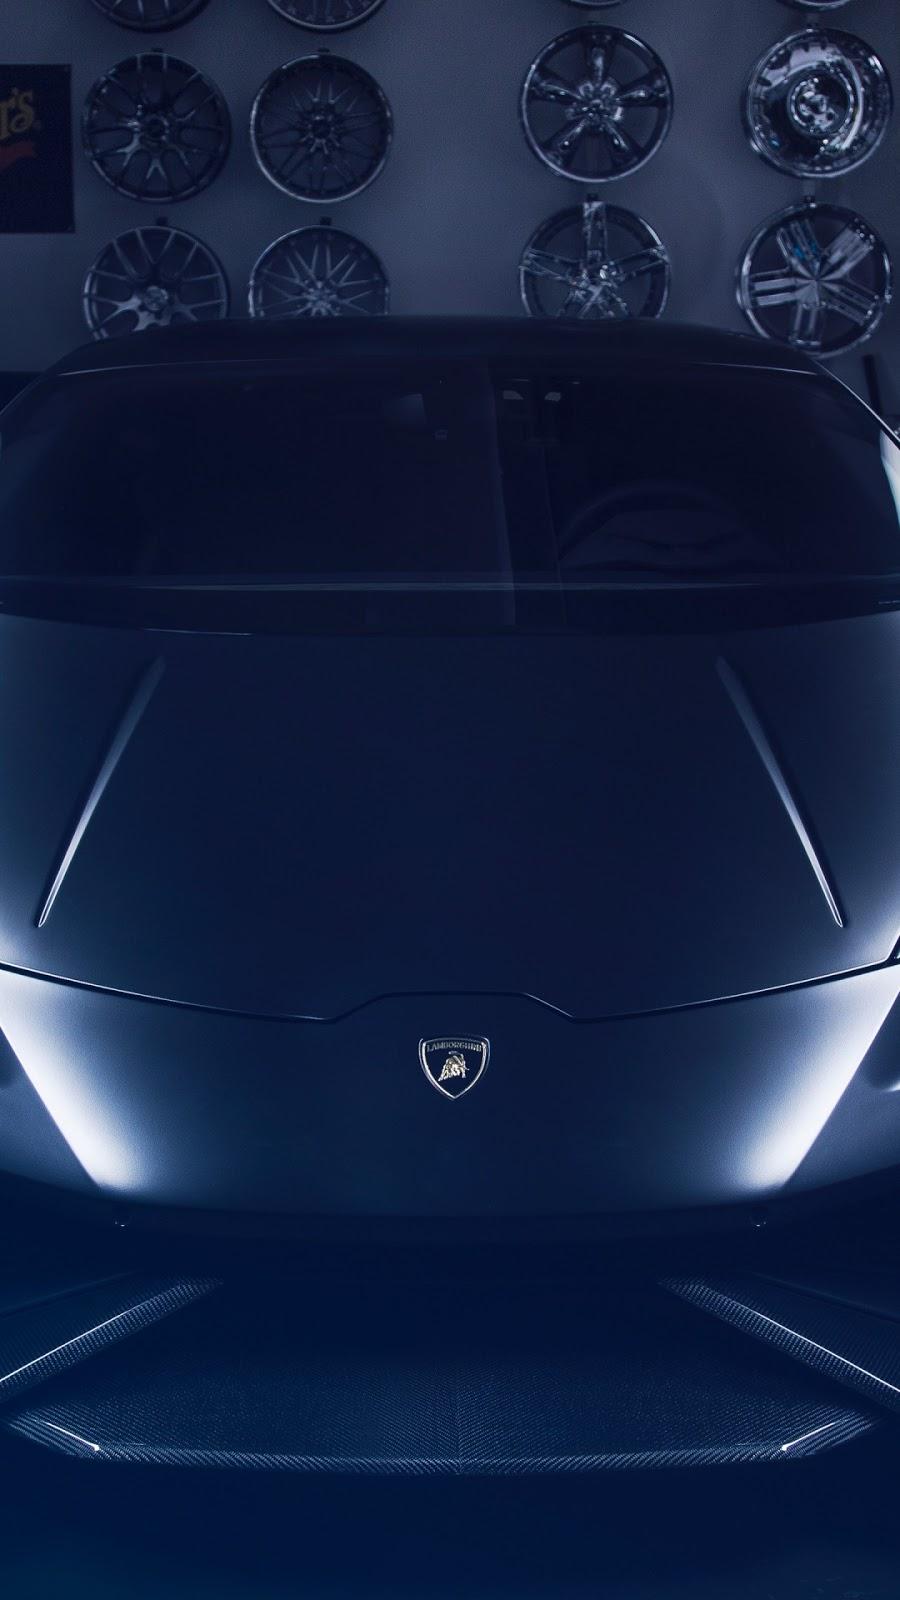 Papel de parede grátis Lamborghini Huracan na Oficina para PC, Notebook, iPhone, Android e Tablet.